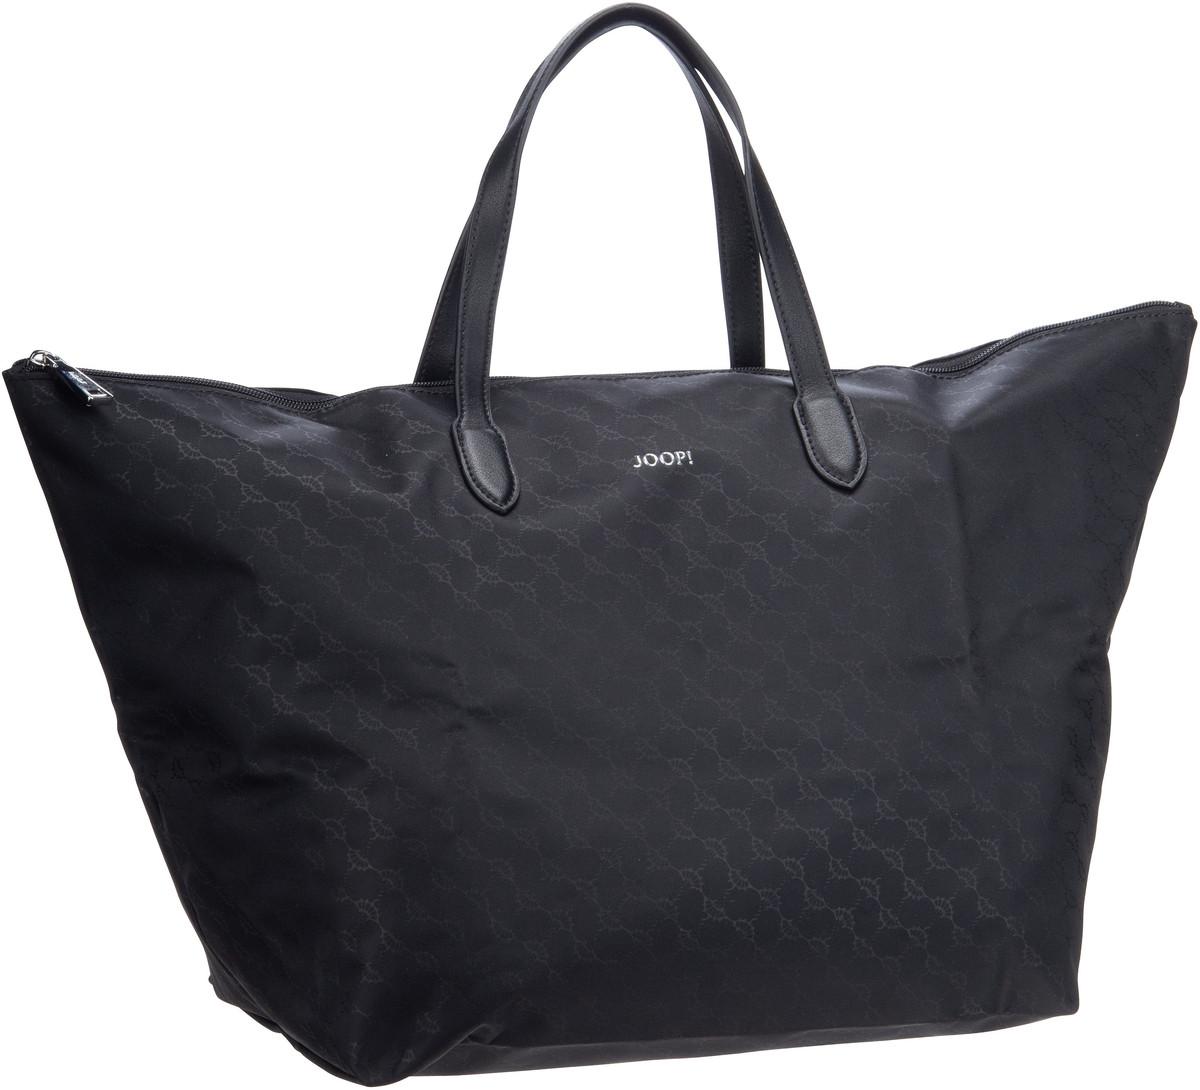 Handtasche Piccolina Helena HandBag XLHZ1 Black